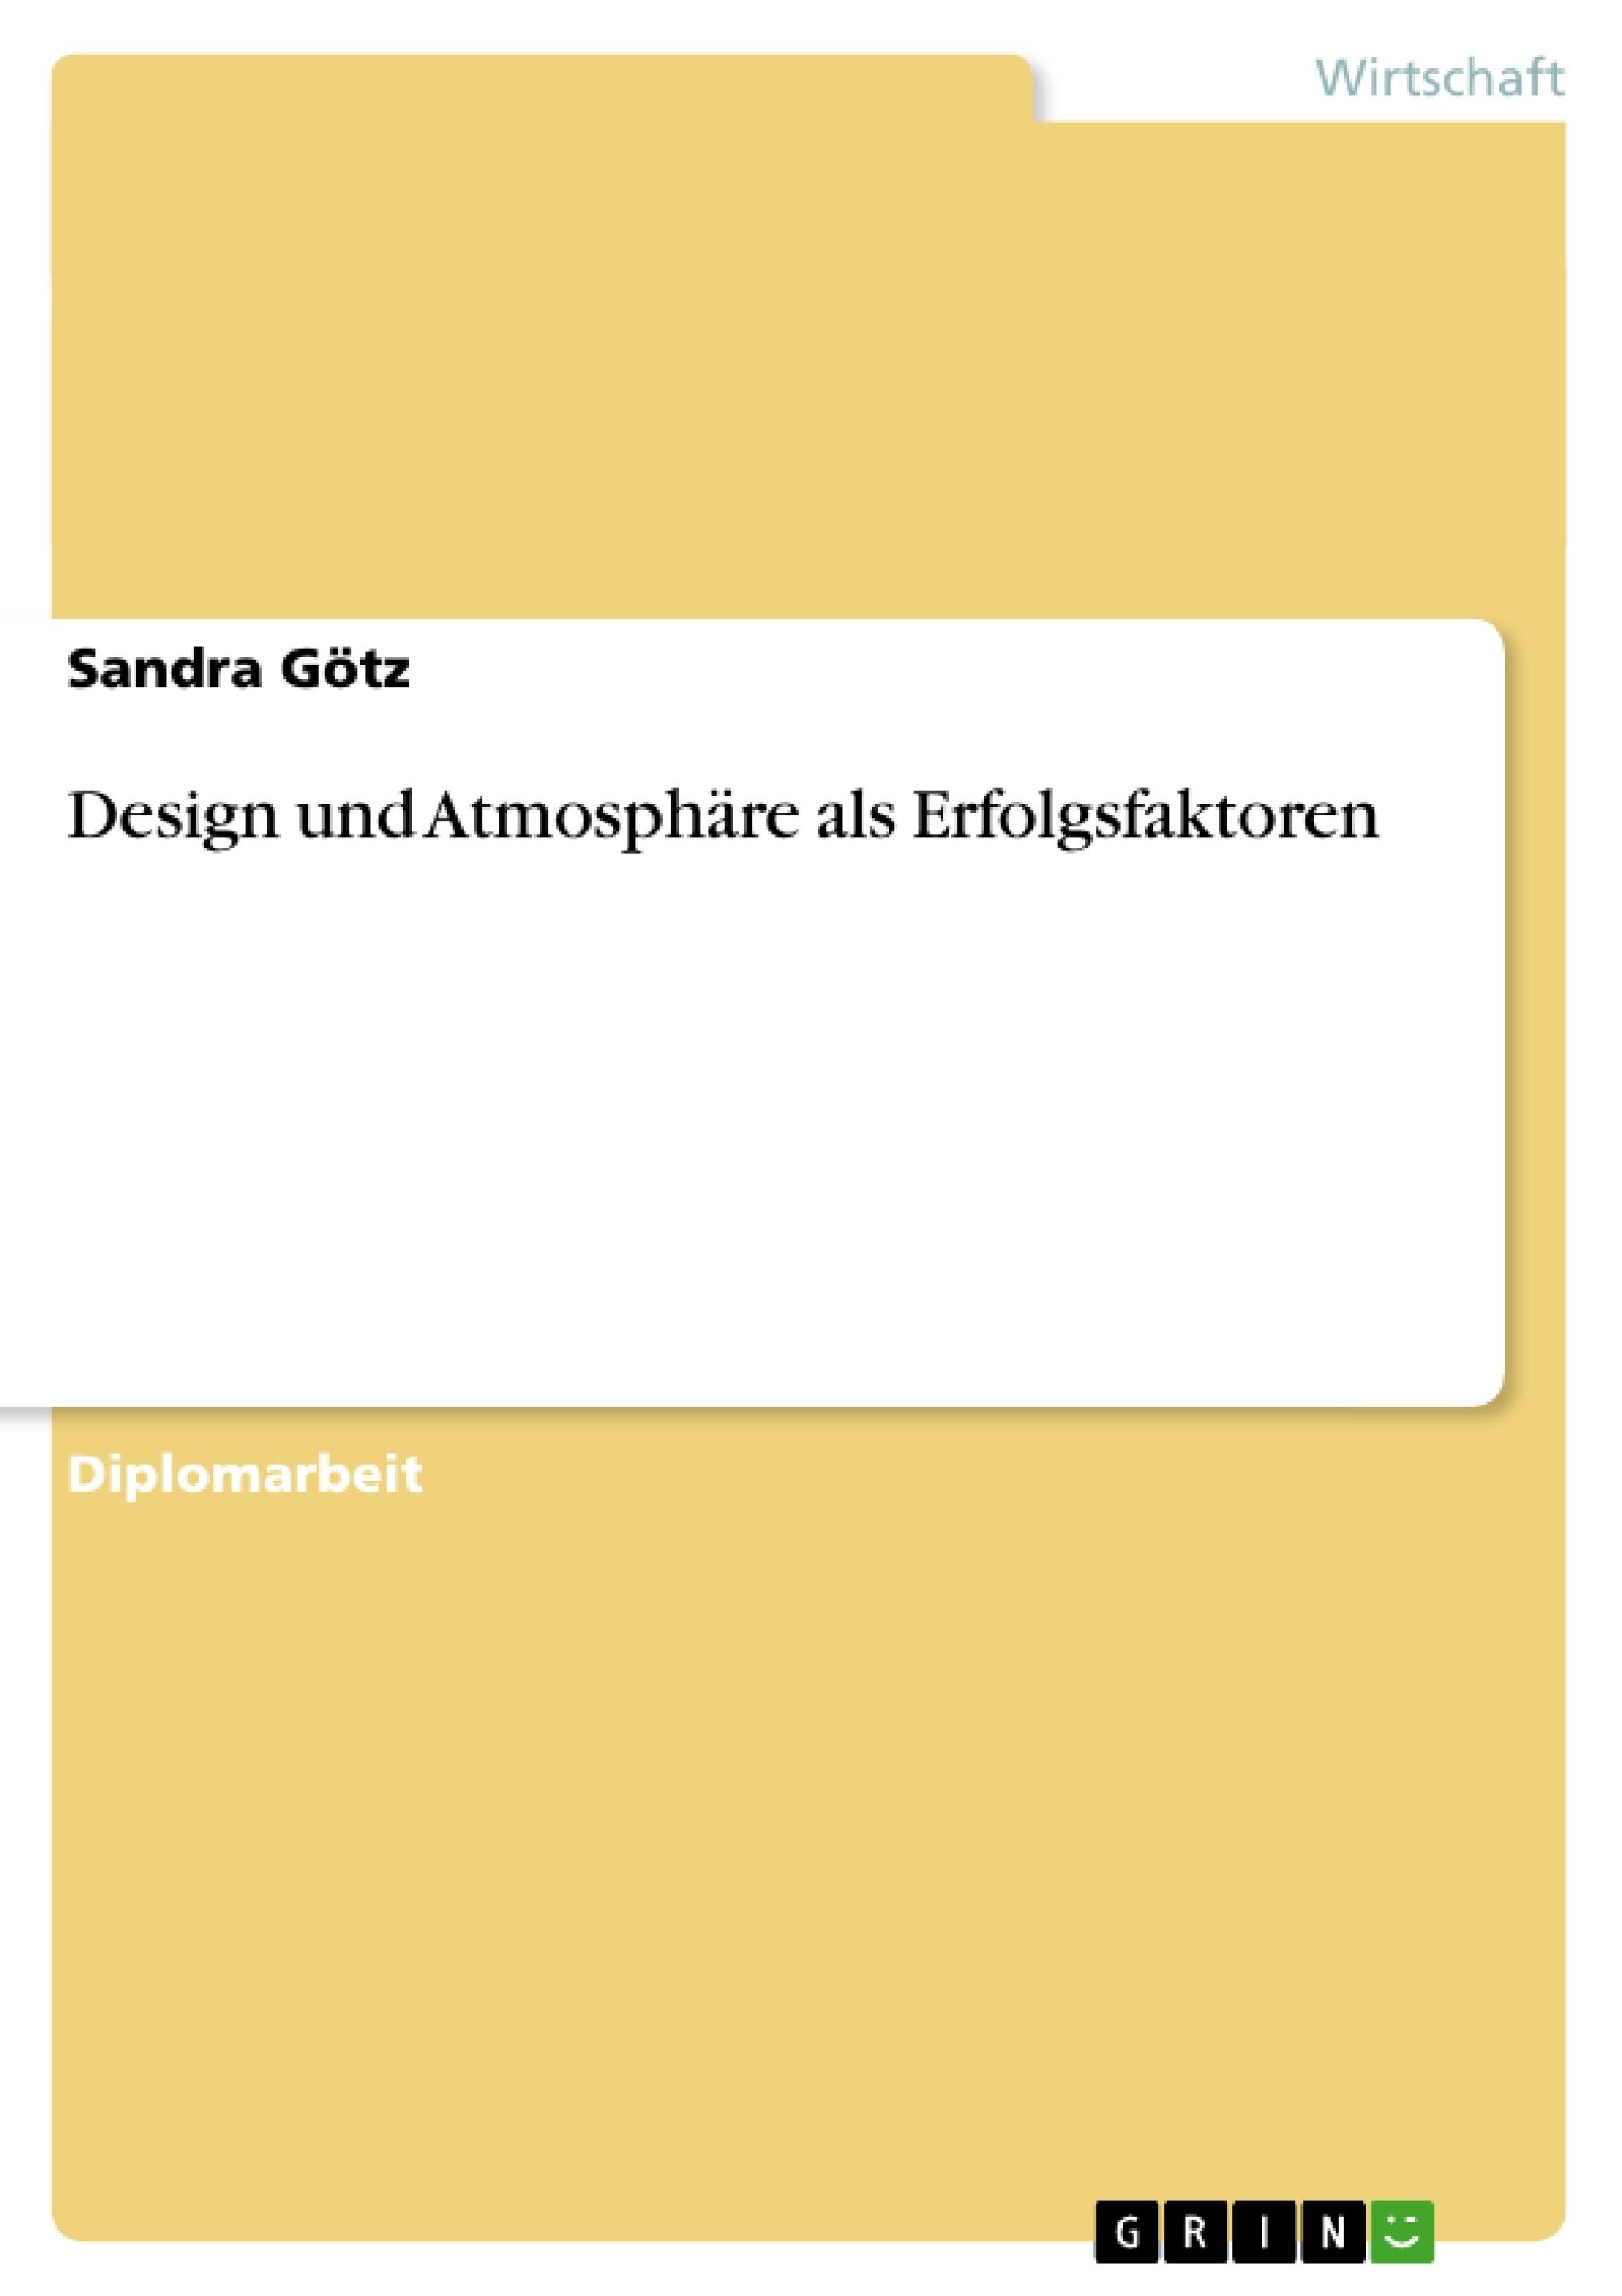 Design und Atmosphäre als Erfolgsfaktoren | Masterarbeit, Hausarbeit ...